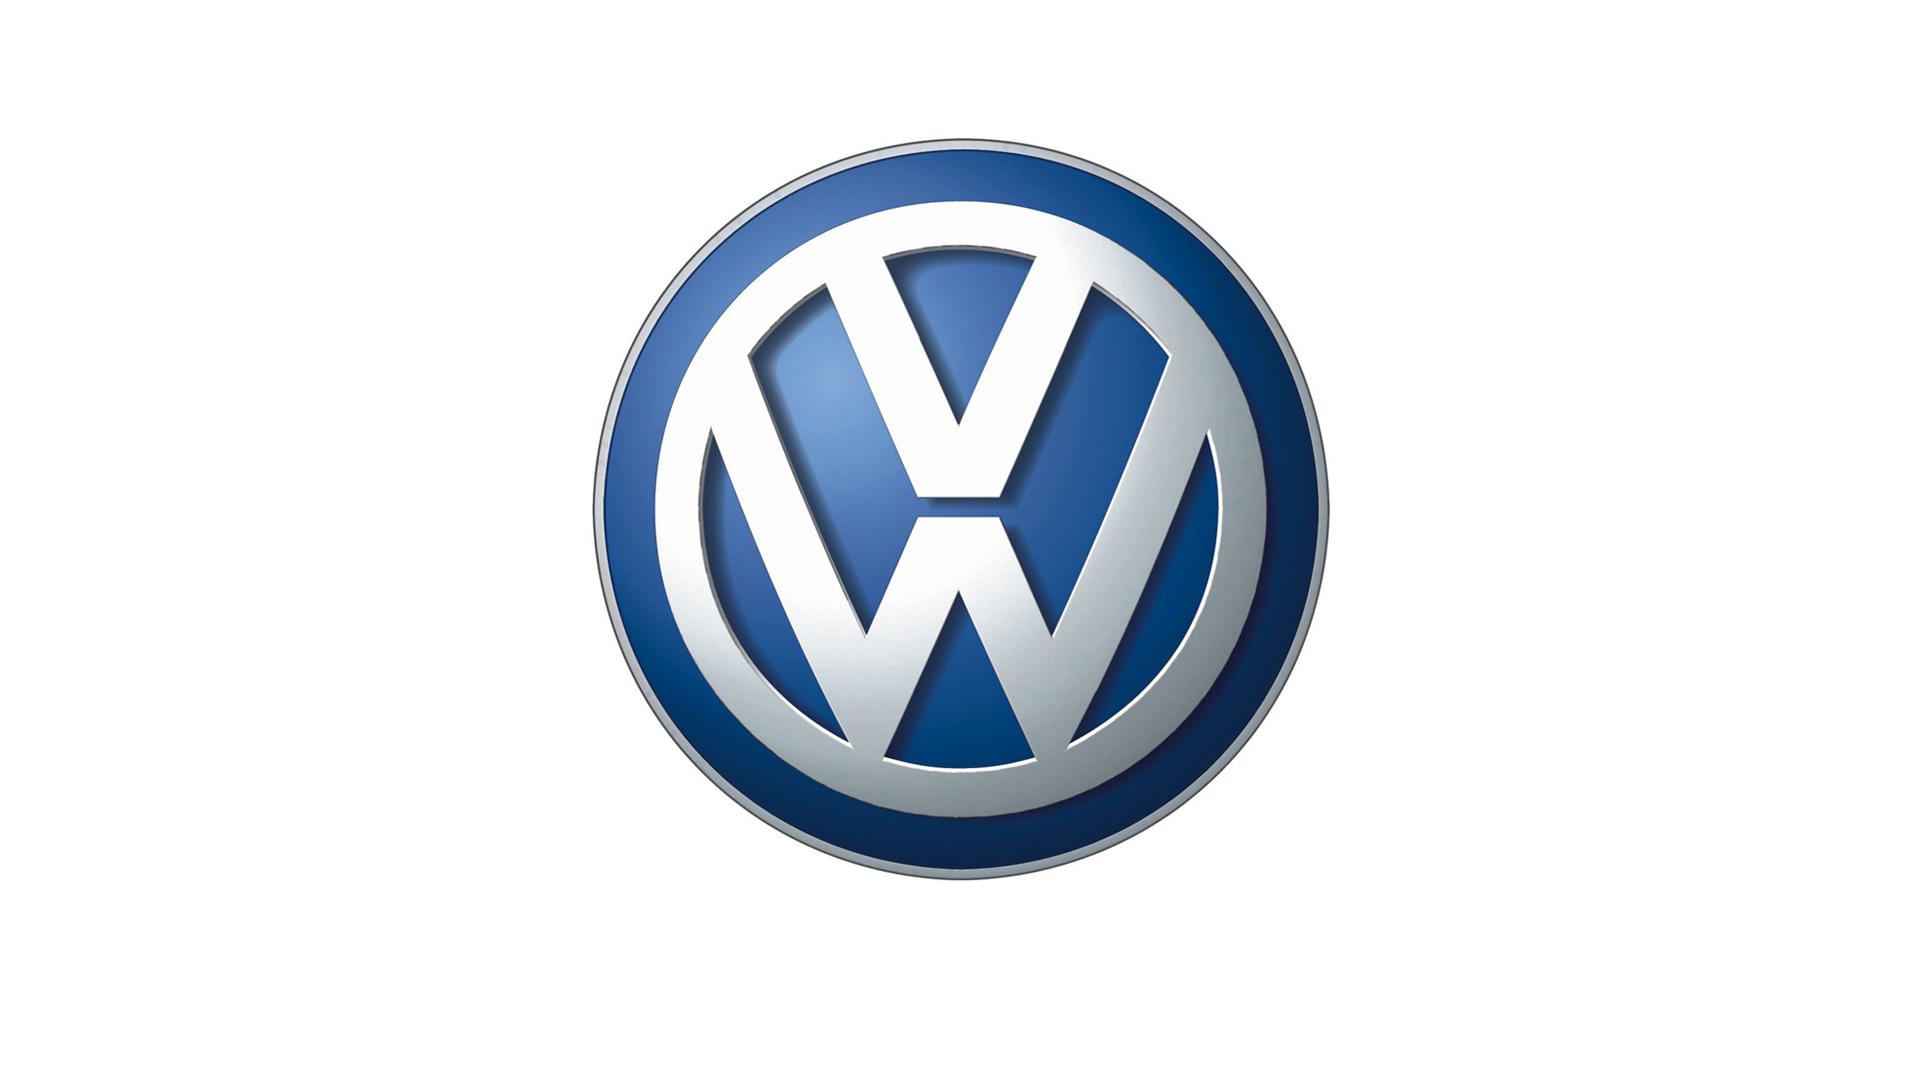 Производитель отзывает 334 тысячи авто «Фольксваген» и«Ауди» из-за риска утечки топлива